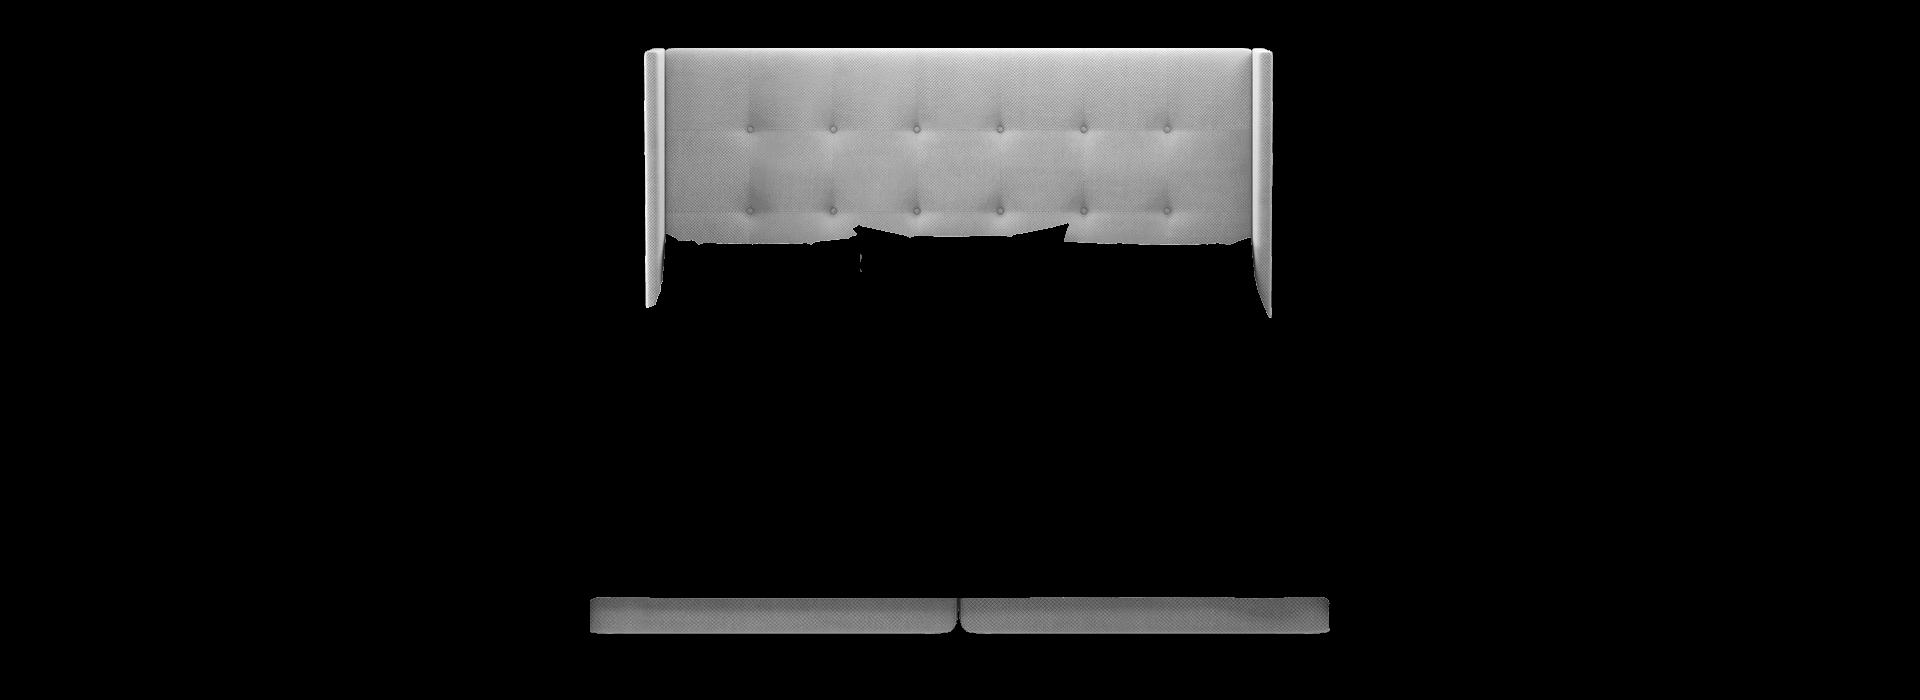 Грета 1.8 кровать box spring - маска 3